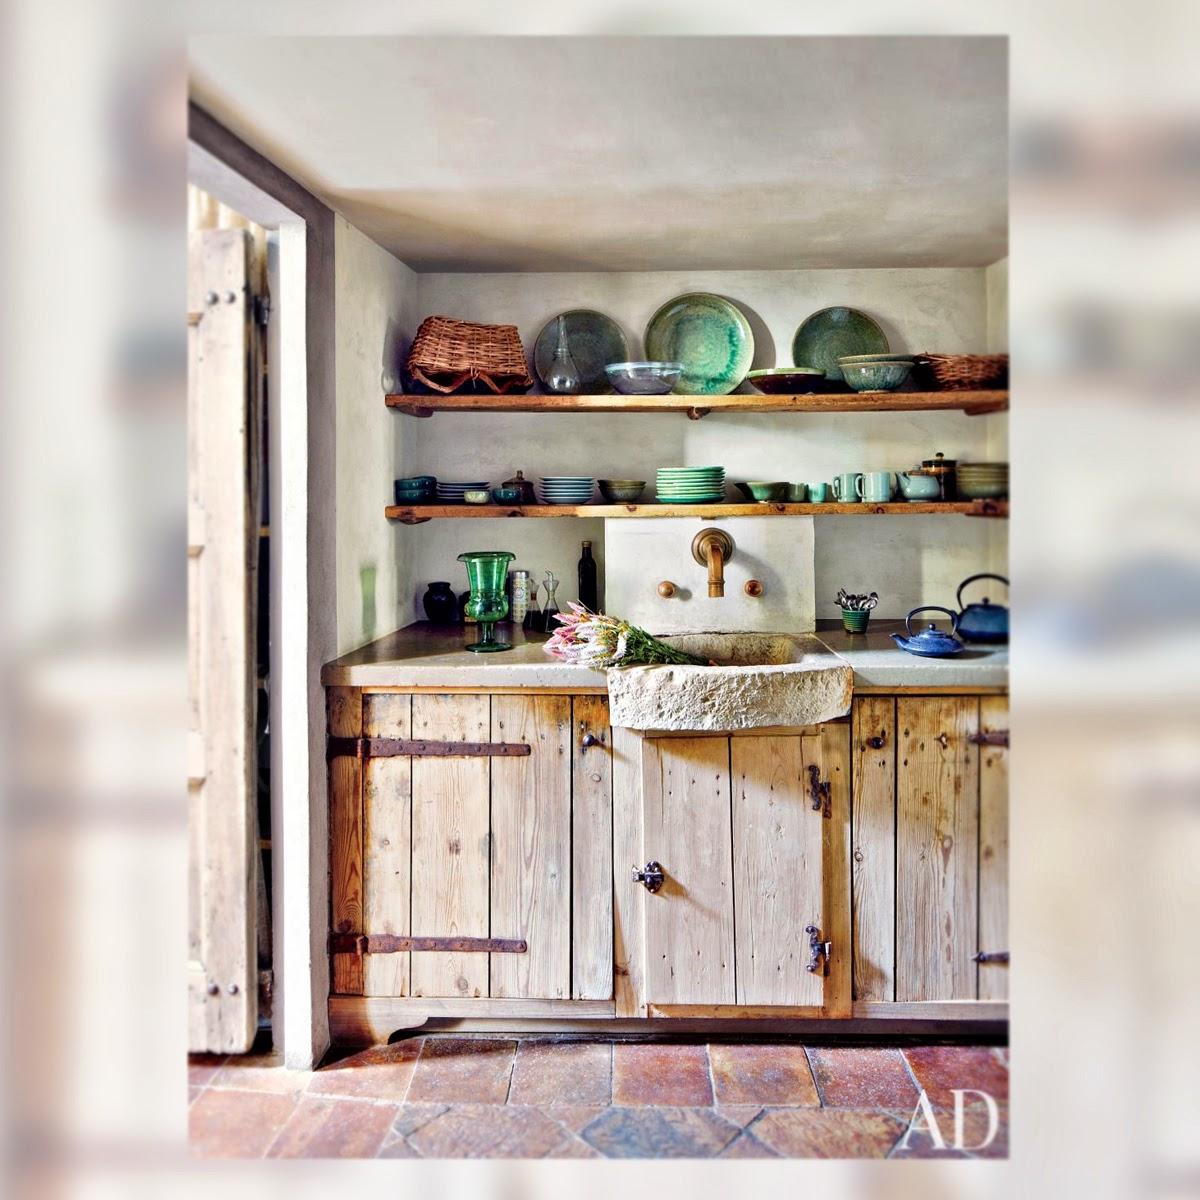 Decoracion 5 cocinas r sticas la musa decoraci n - Decorar casas de pueblo ...